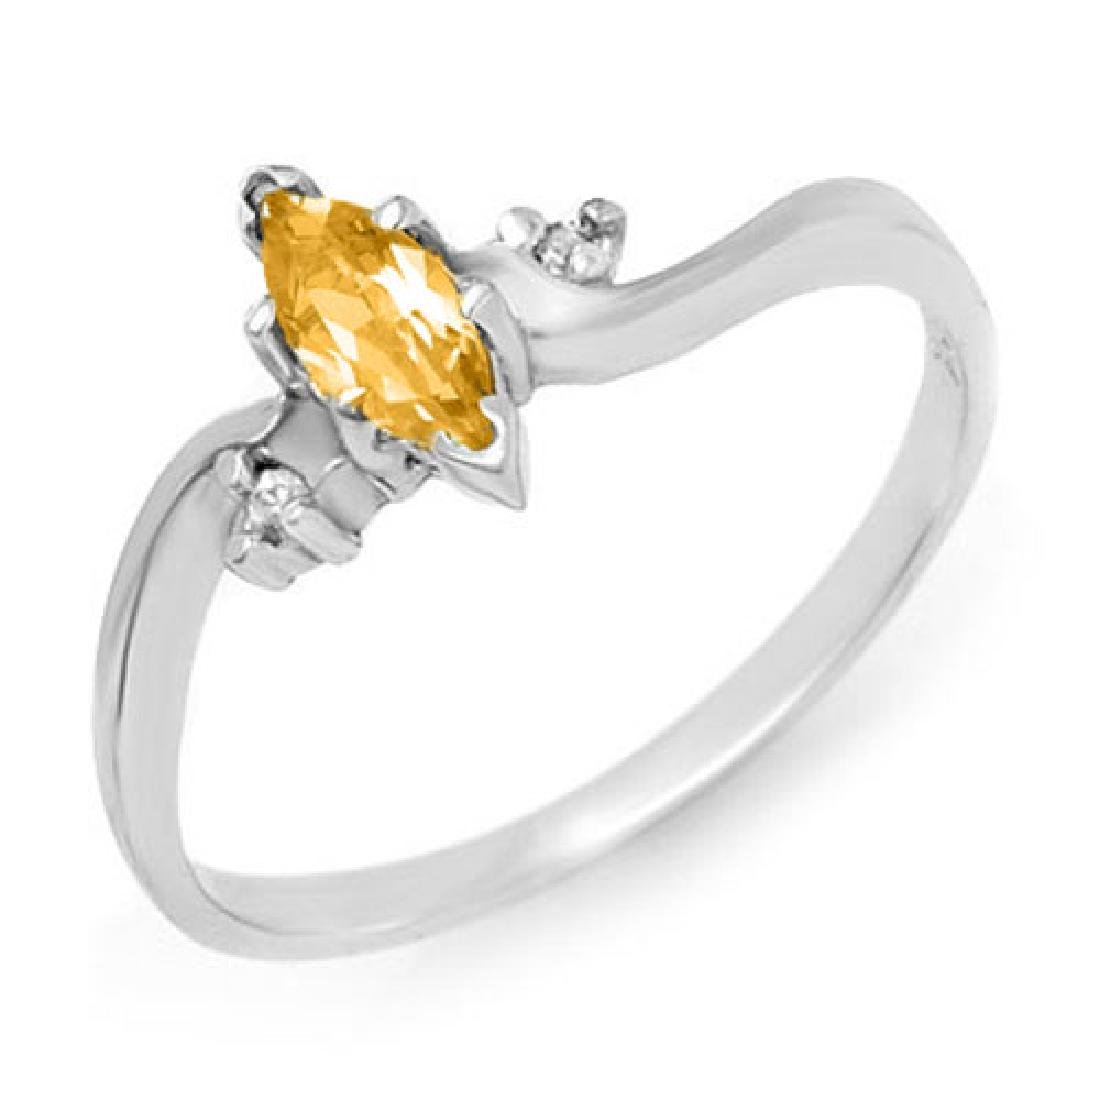 0.29 CTW Citrine & Diamond Ring 14K White Gold